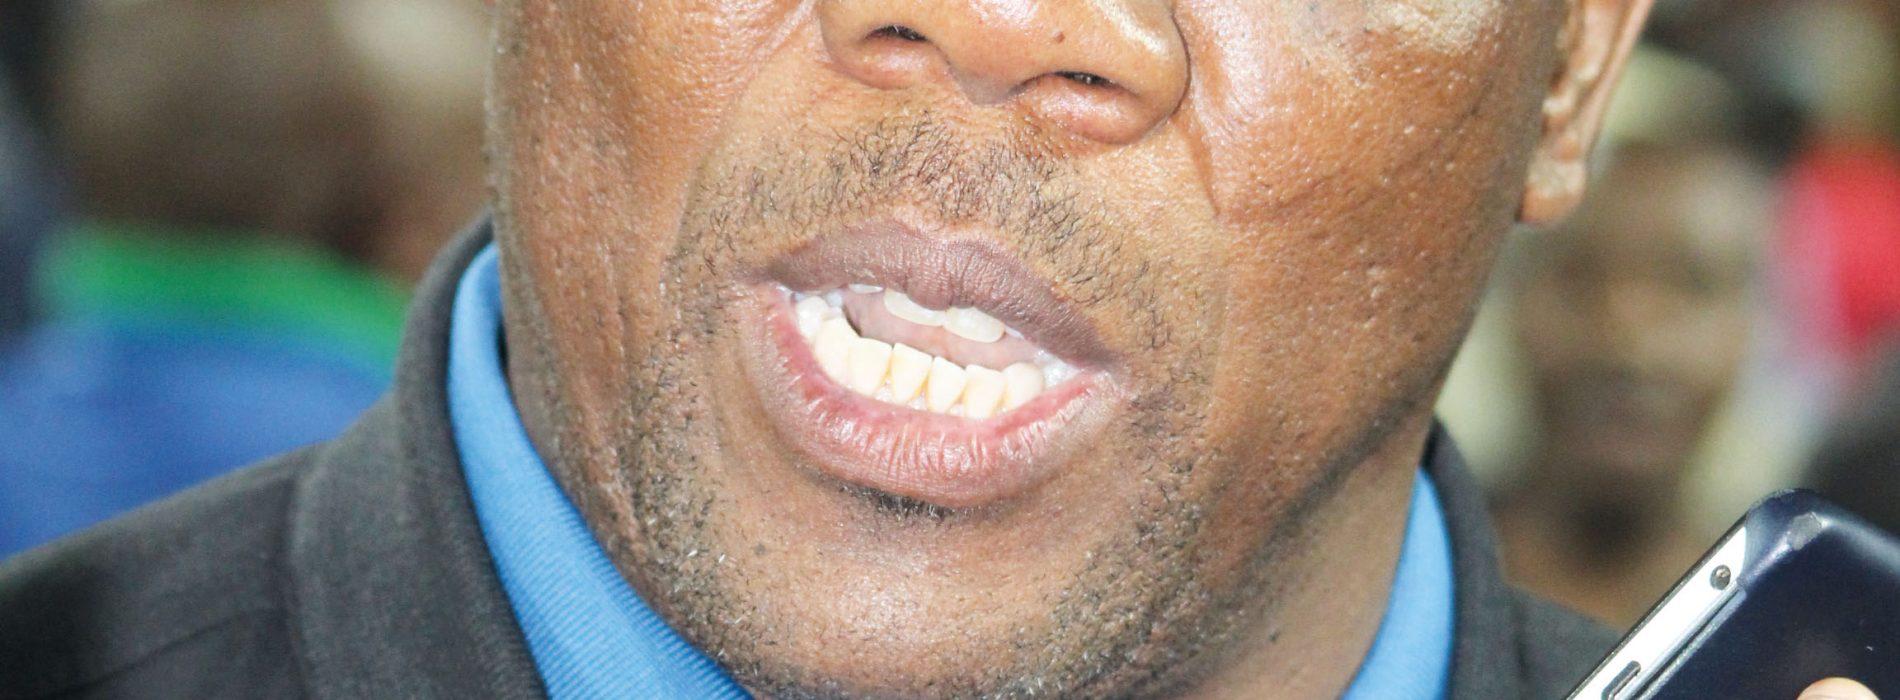 Maliehe welcomes Swaziland draw